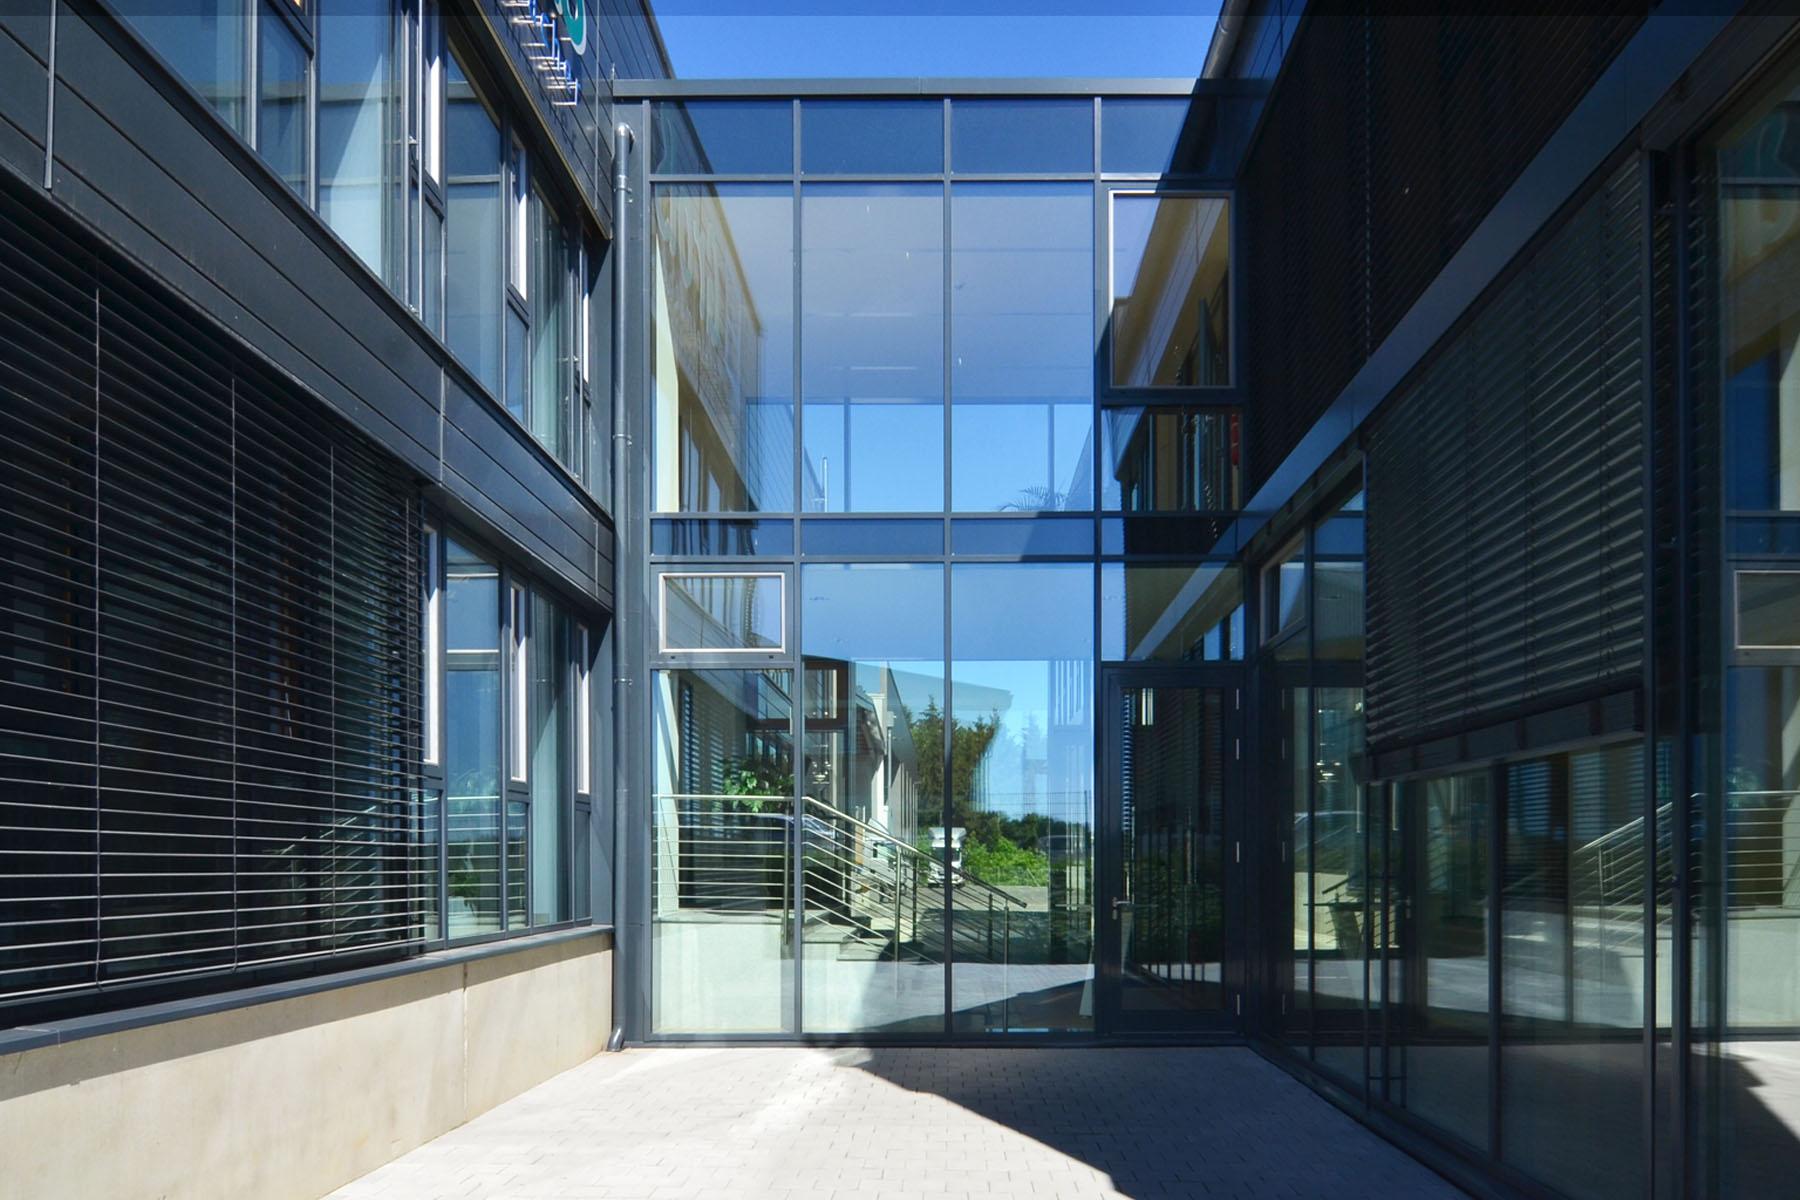 Pfosten-Riegel Fassade